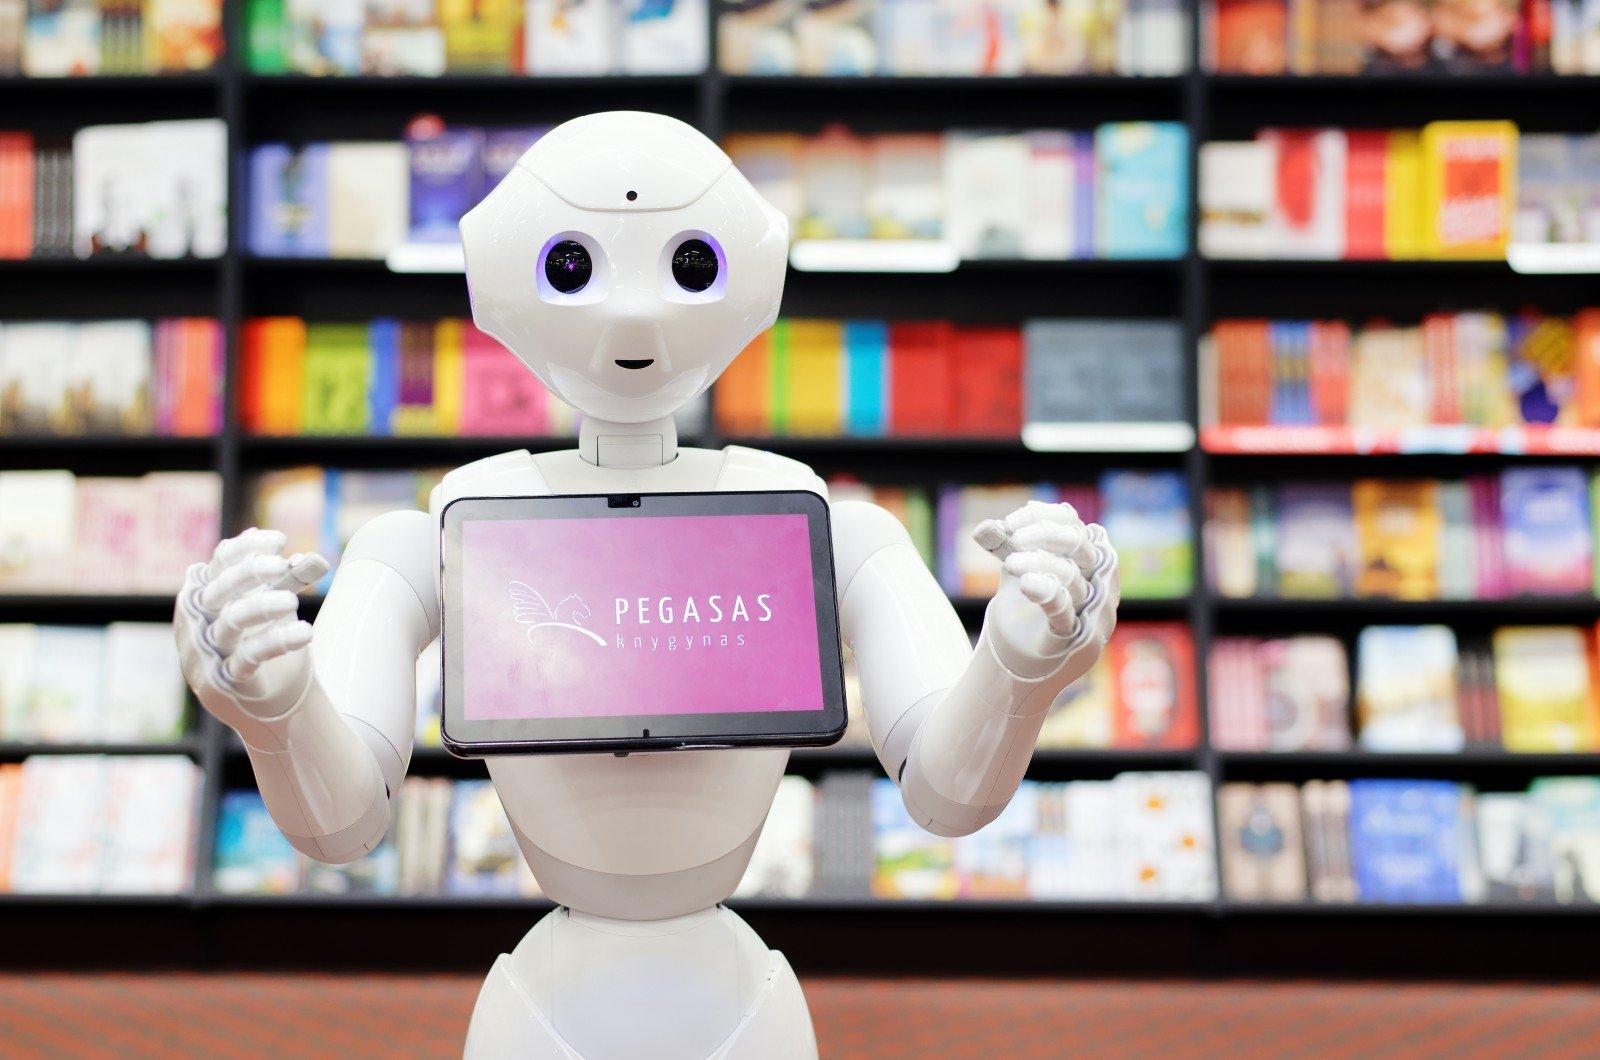 prekybos robotais darbuotojais dvejetainė parinktis atidaryti demonstracinę sąskaitą